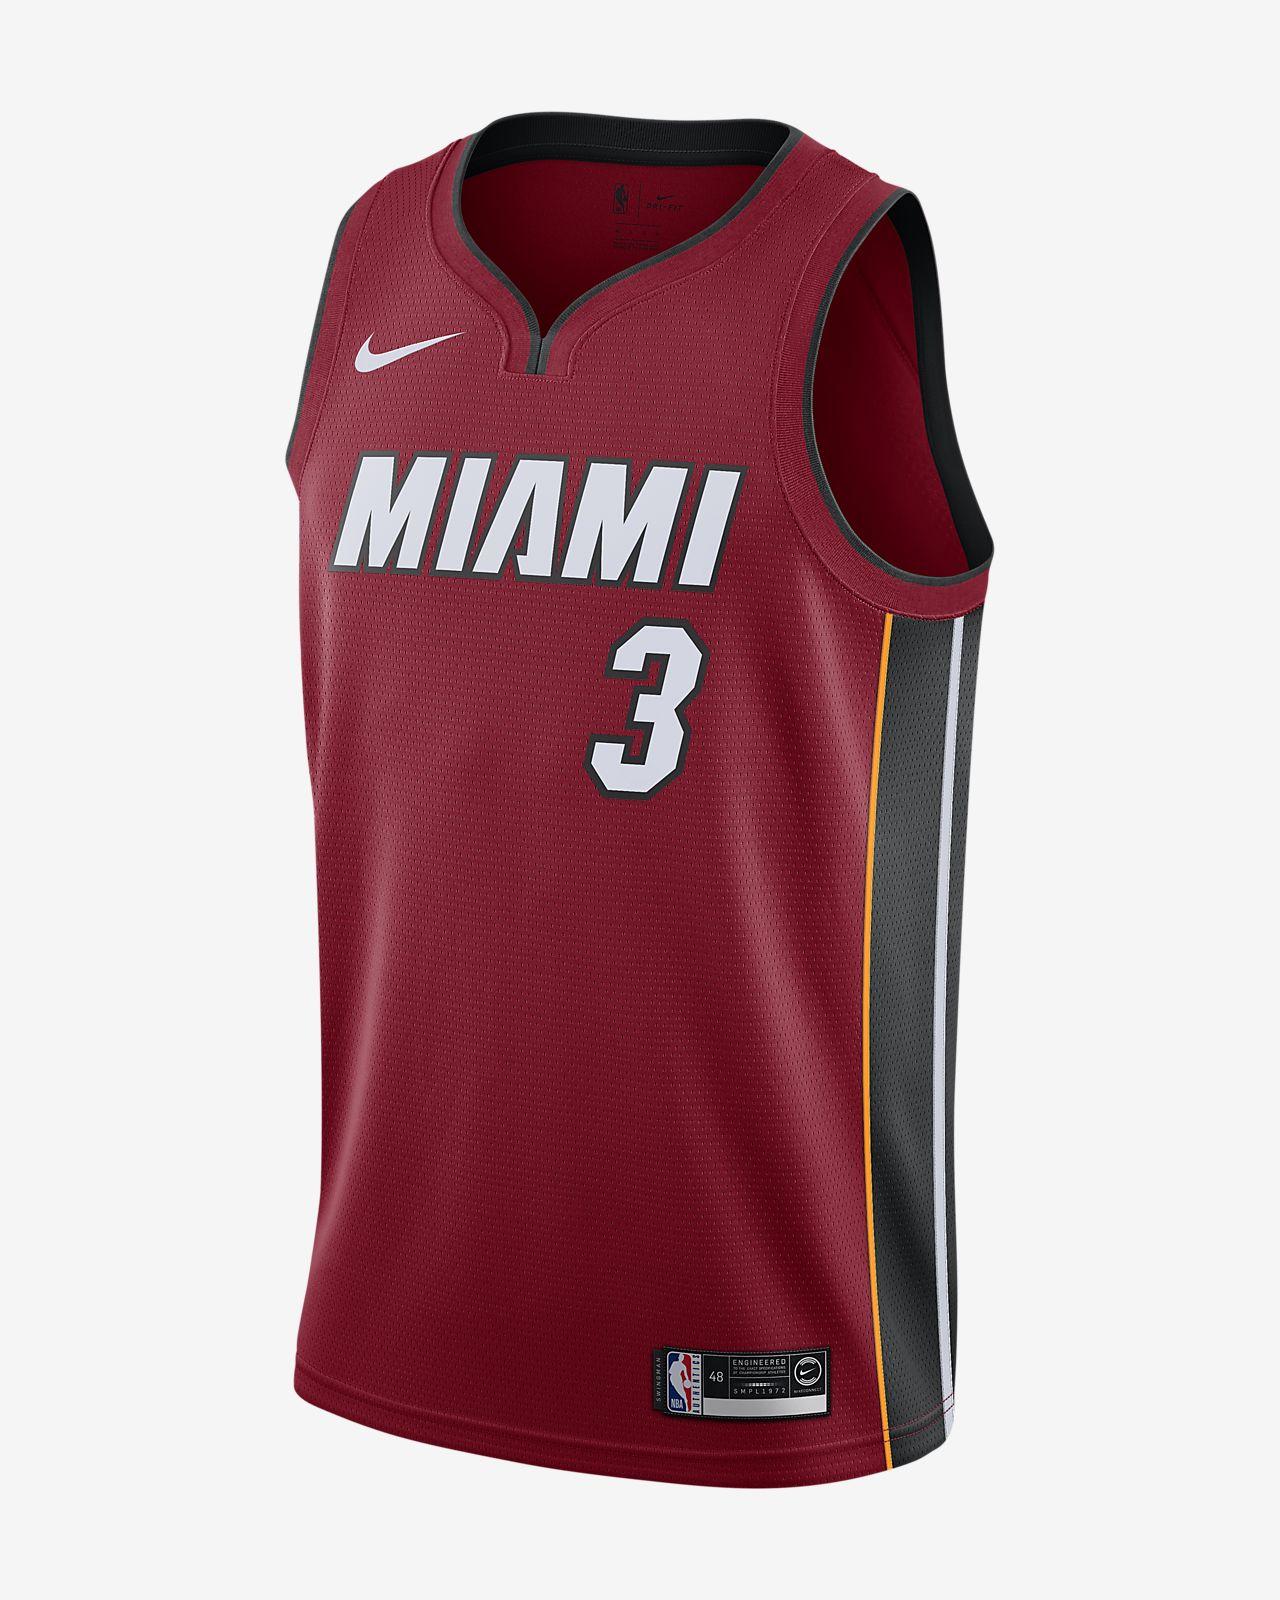 Dwyane Wade Heat Statement Edition Camiseta Nike NBA Swingman